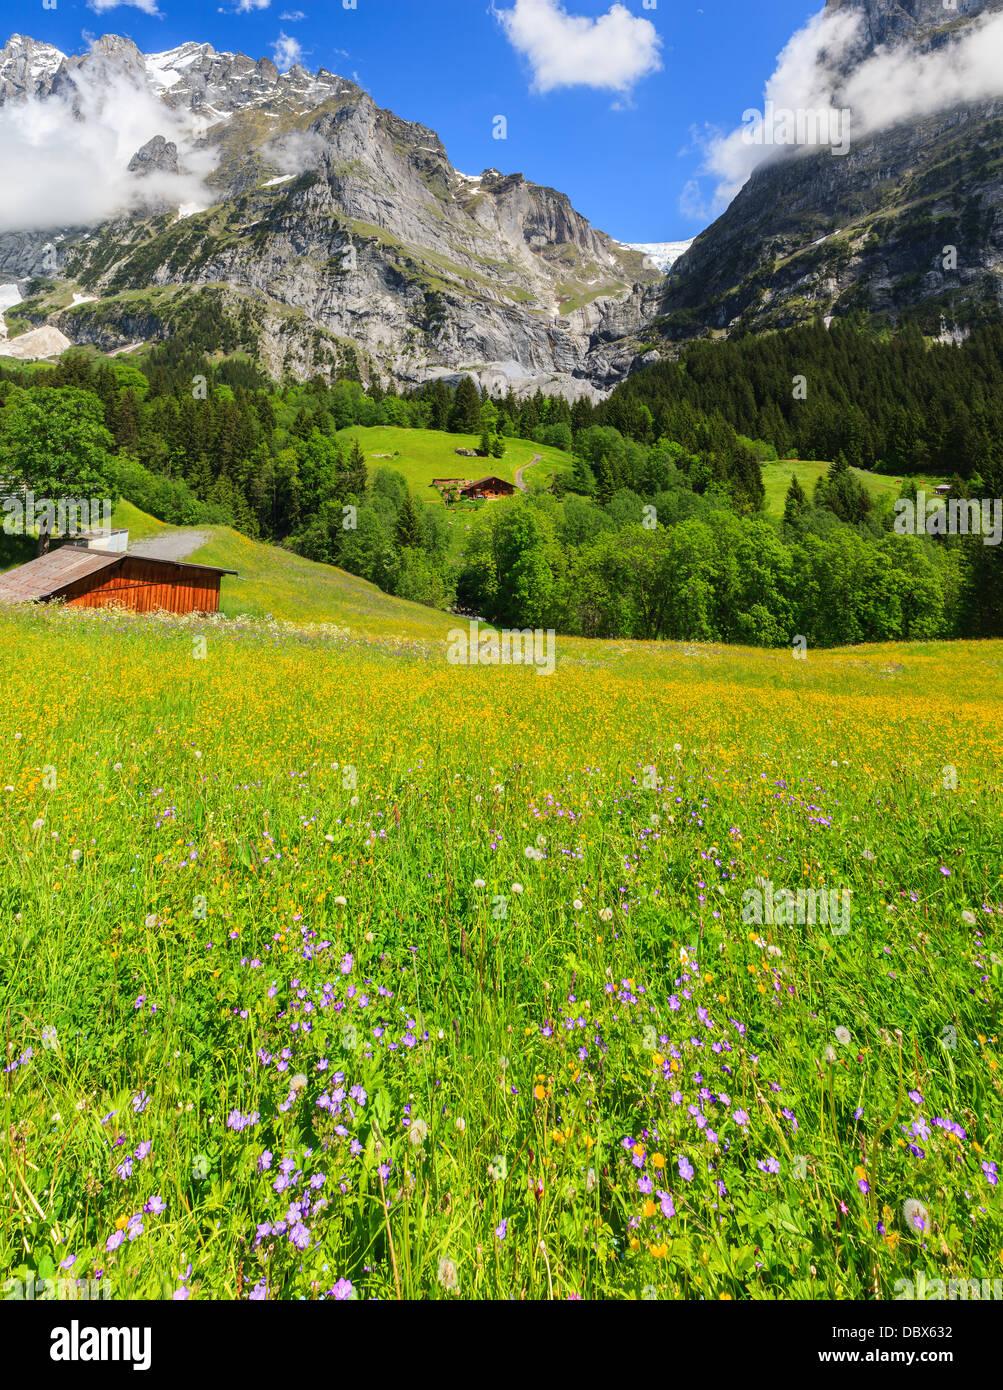 Frühlingsblumen in der Nähe von Grindelwald, Berner Oberland, Schweiz Stockbild